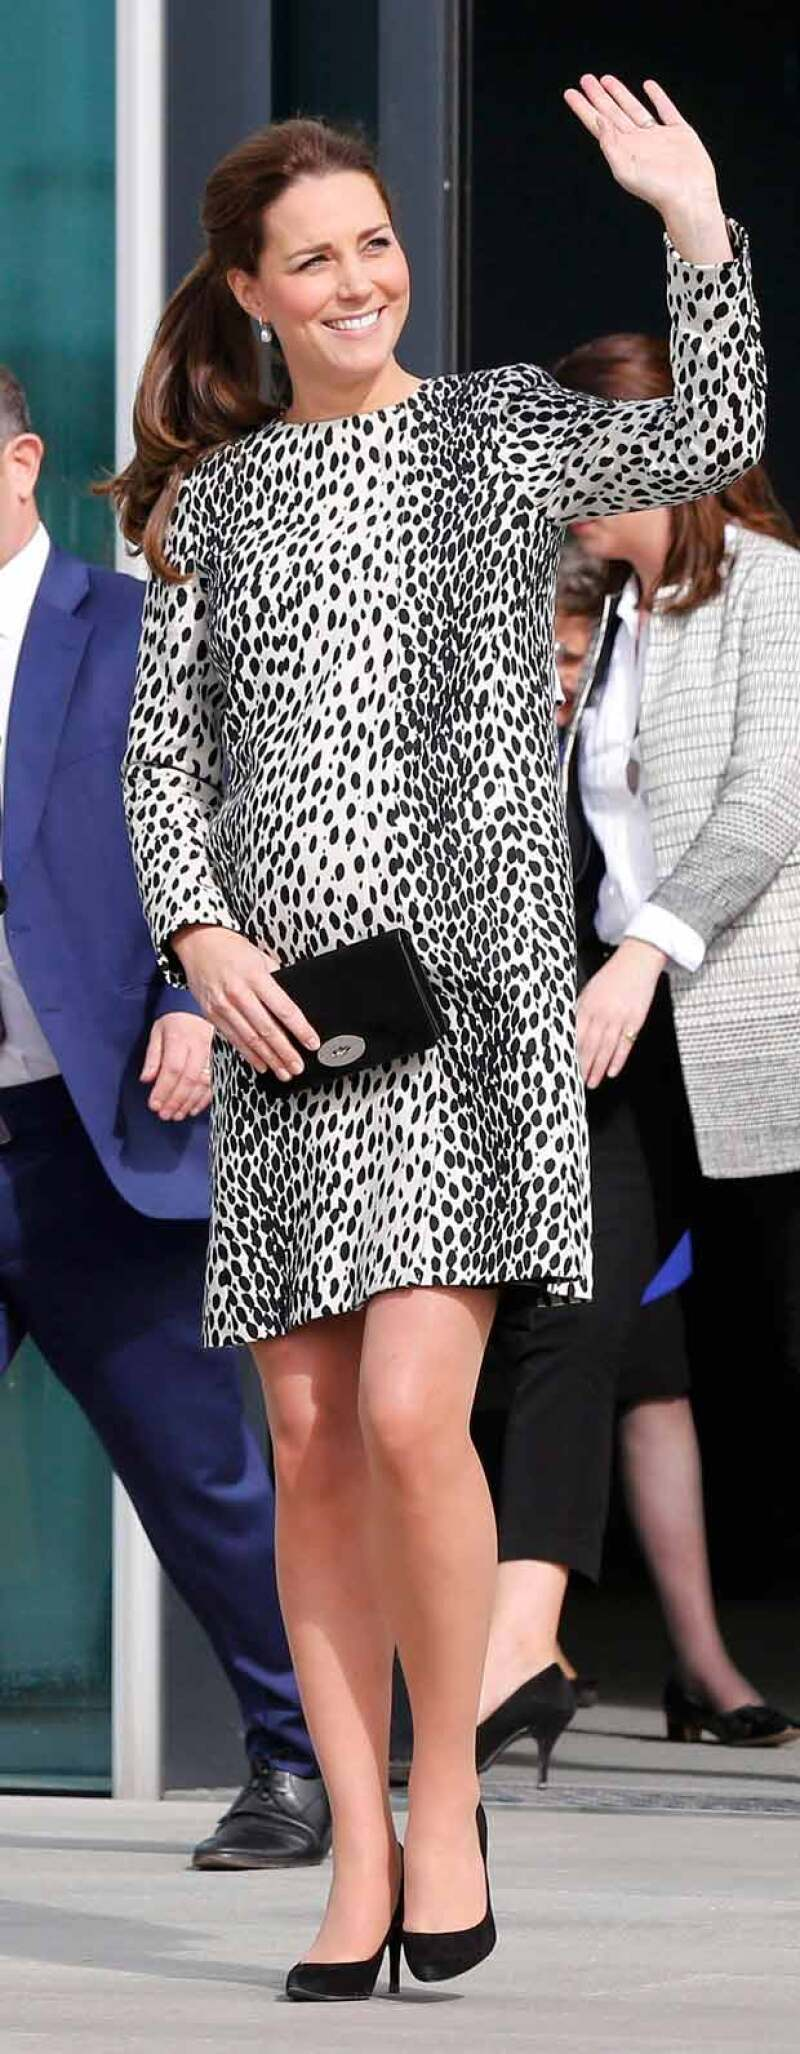 A un mes de que de a luz, la duquesa de Cambridge vistió de la manera más glamourosa en un vestido de estampado animal, el cual acentuó todavía más su brillo de futura mamá.